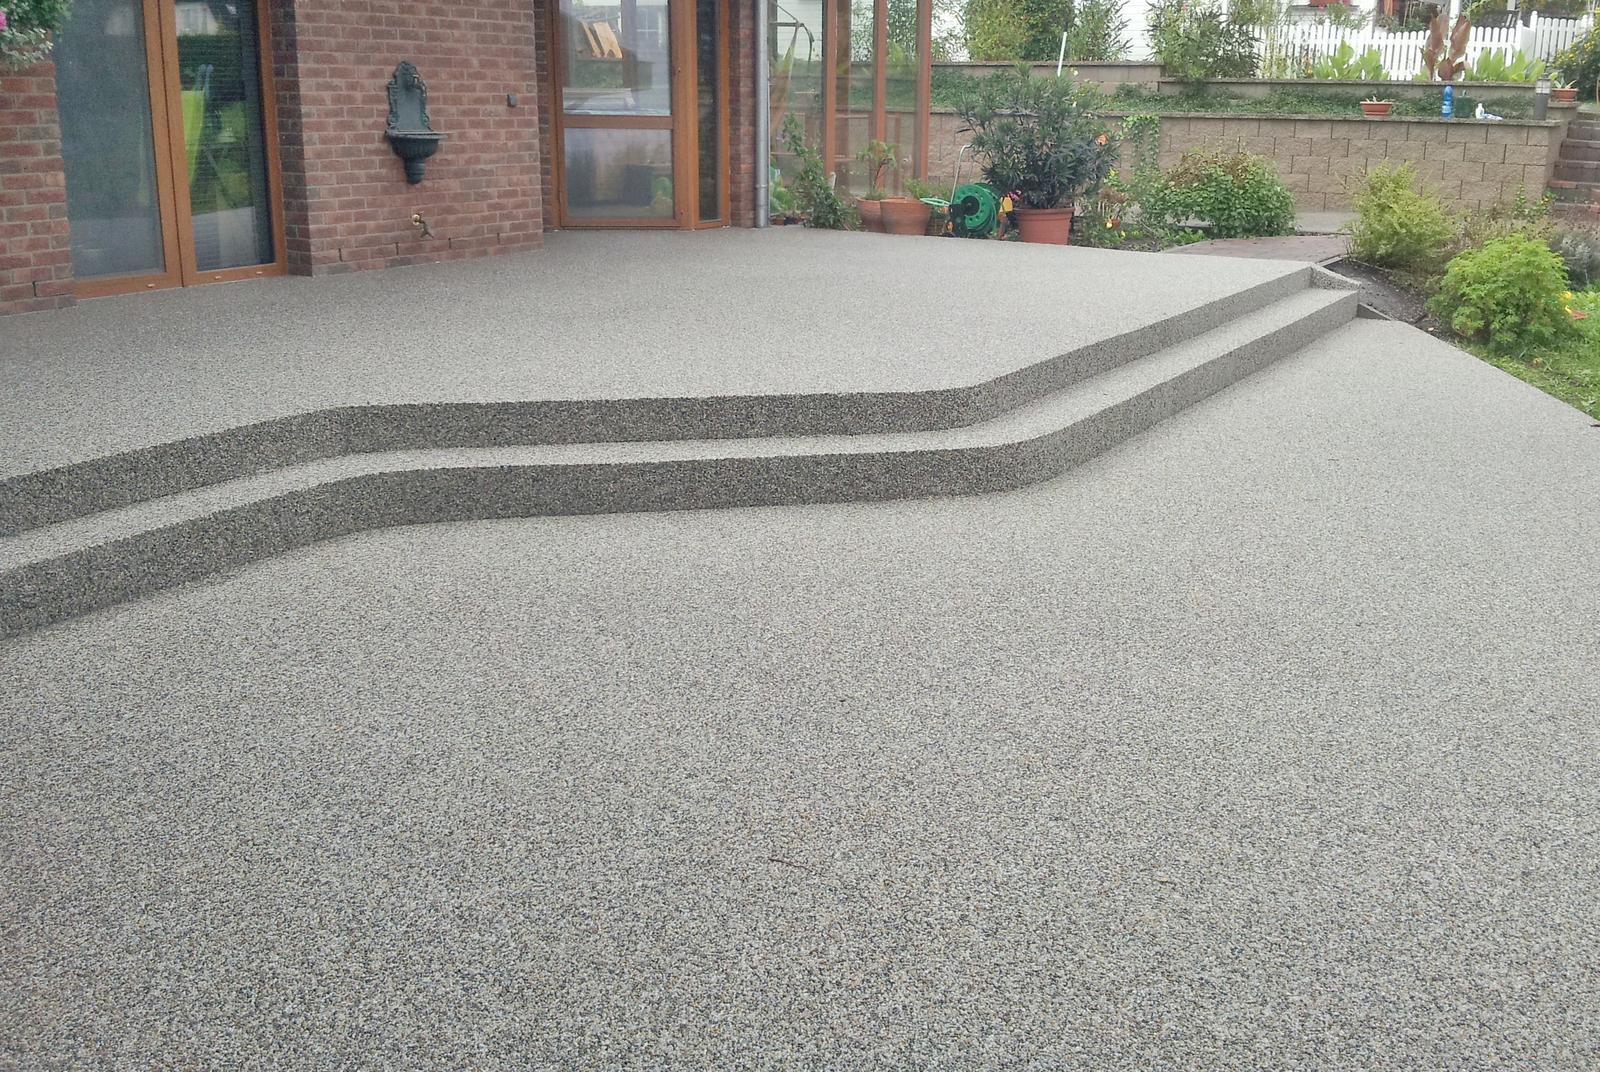 Kamínkový chodníček CHS EPODUR STONE - možnosti desénů a tvarů - Kamenný chodník s CHS EPODUR STONE jako ideální řešení složitých povrchů - díky jednolitému vzhledu povechu působí vzdušným a prostorným dojmeme